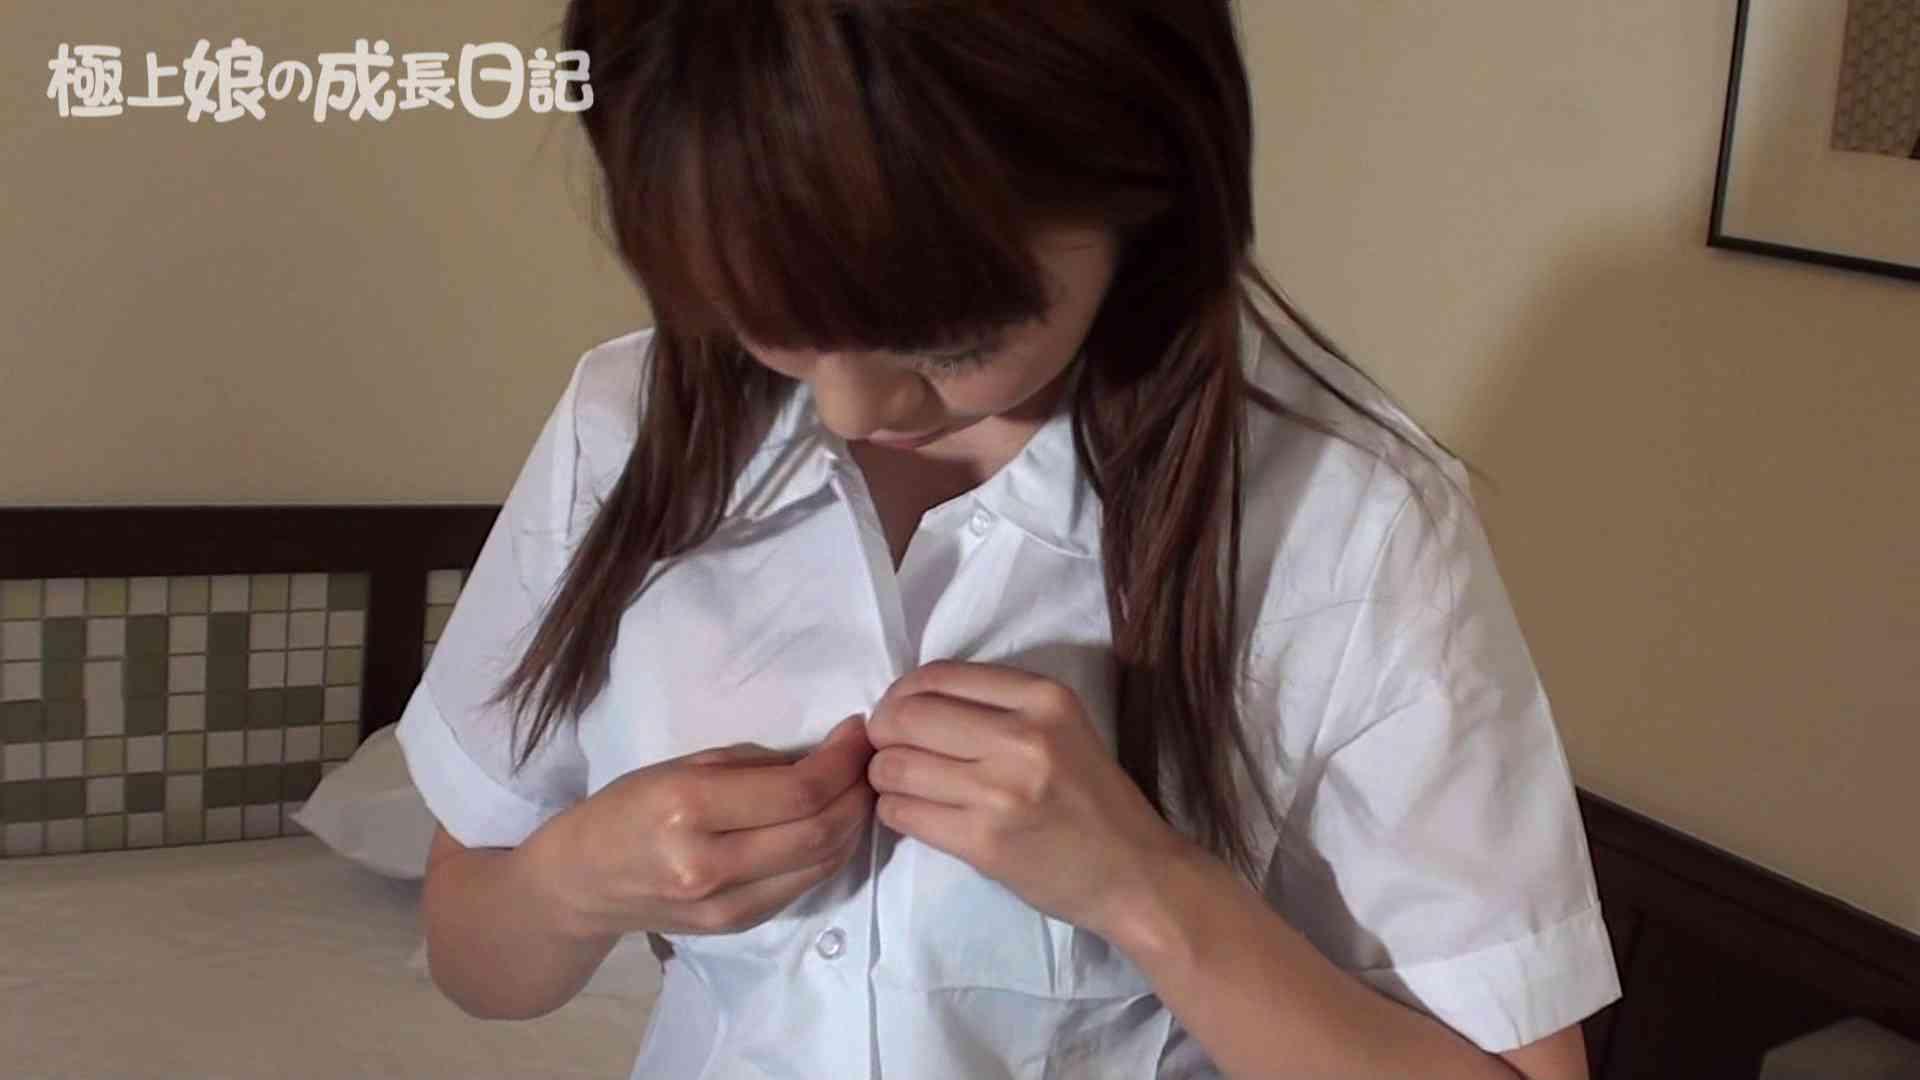 極上素人嬢の成長日記 コスプレオナニー編 素人 盗撮画像 22連発 2